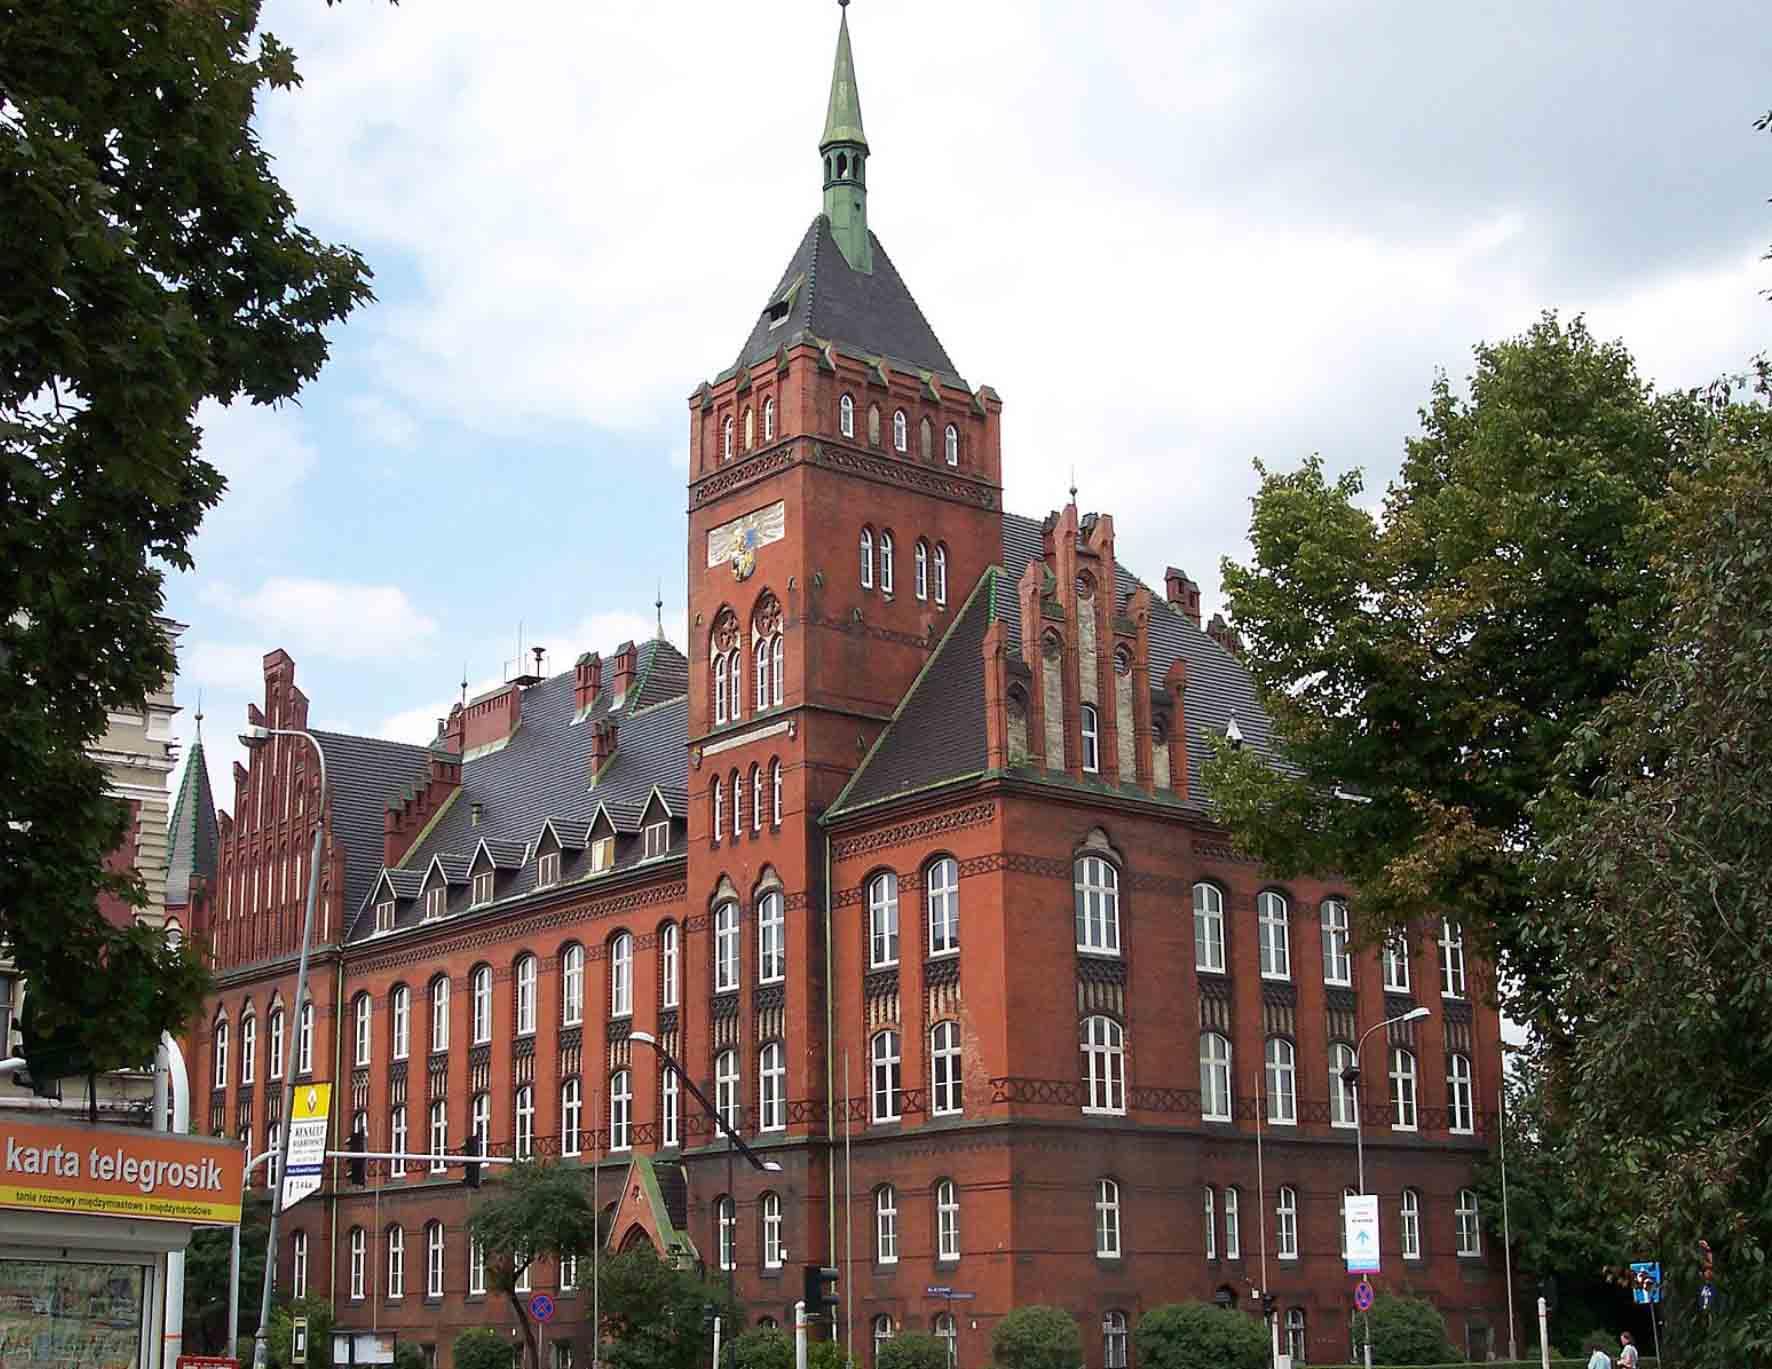 Stipendije za mobilnost studenata na Silesian tehnološkom univerzitetu u Poljskoj